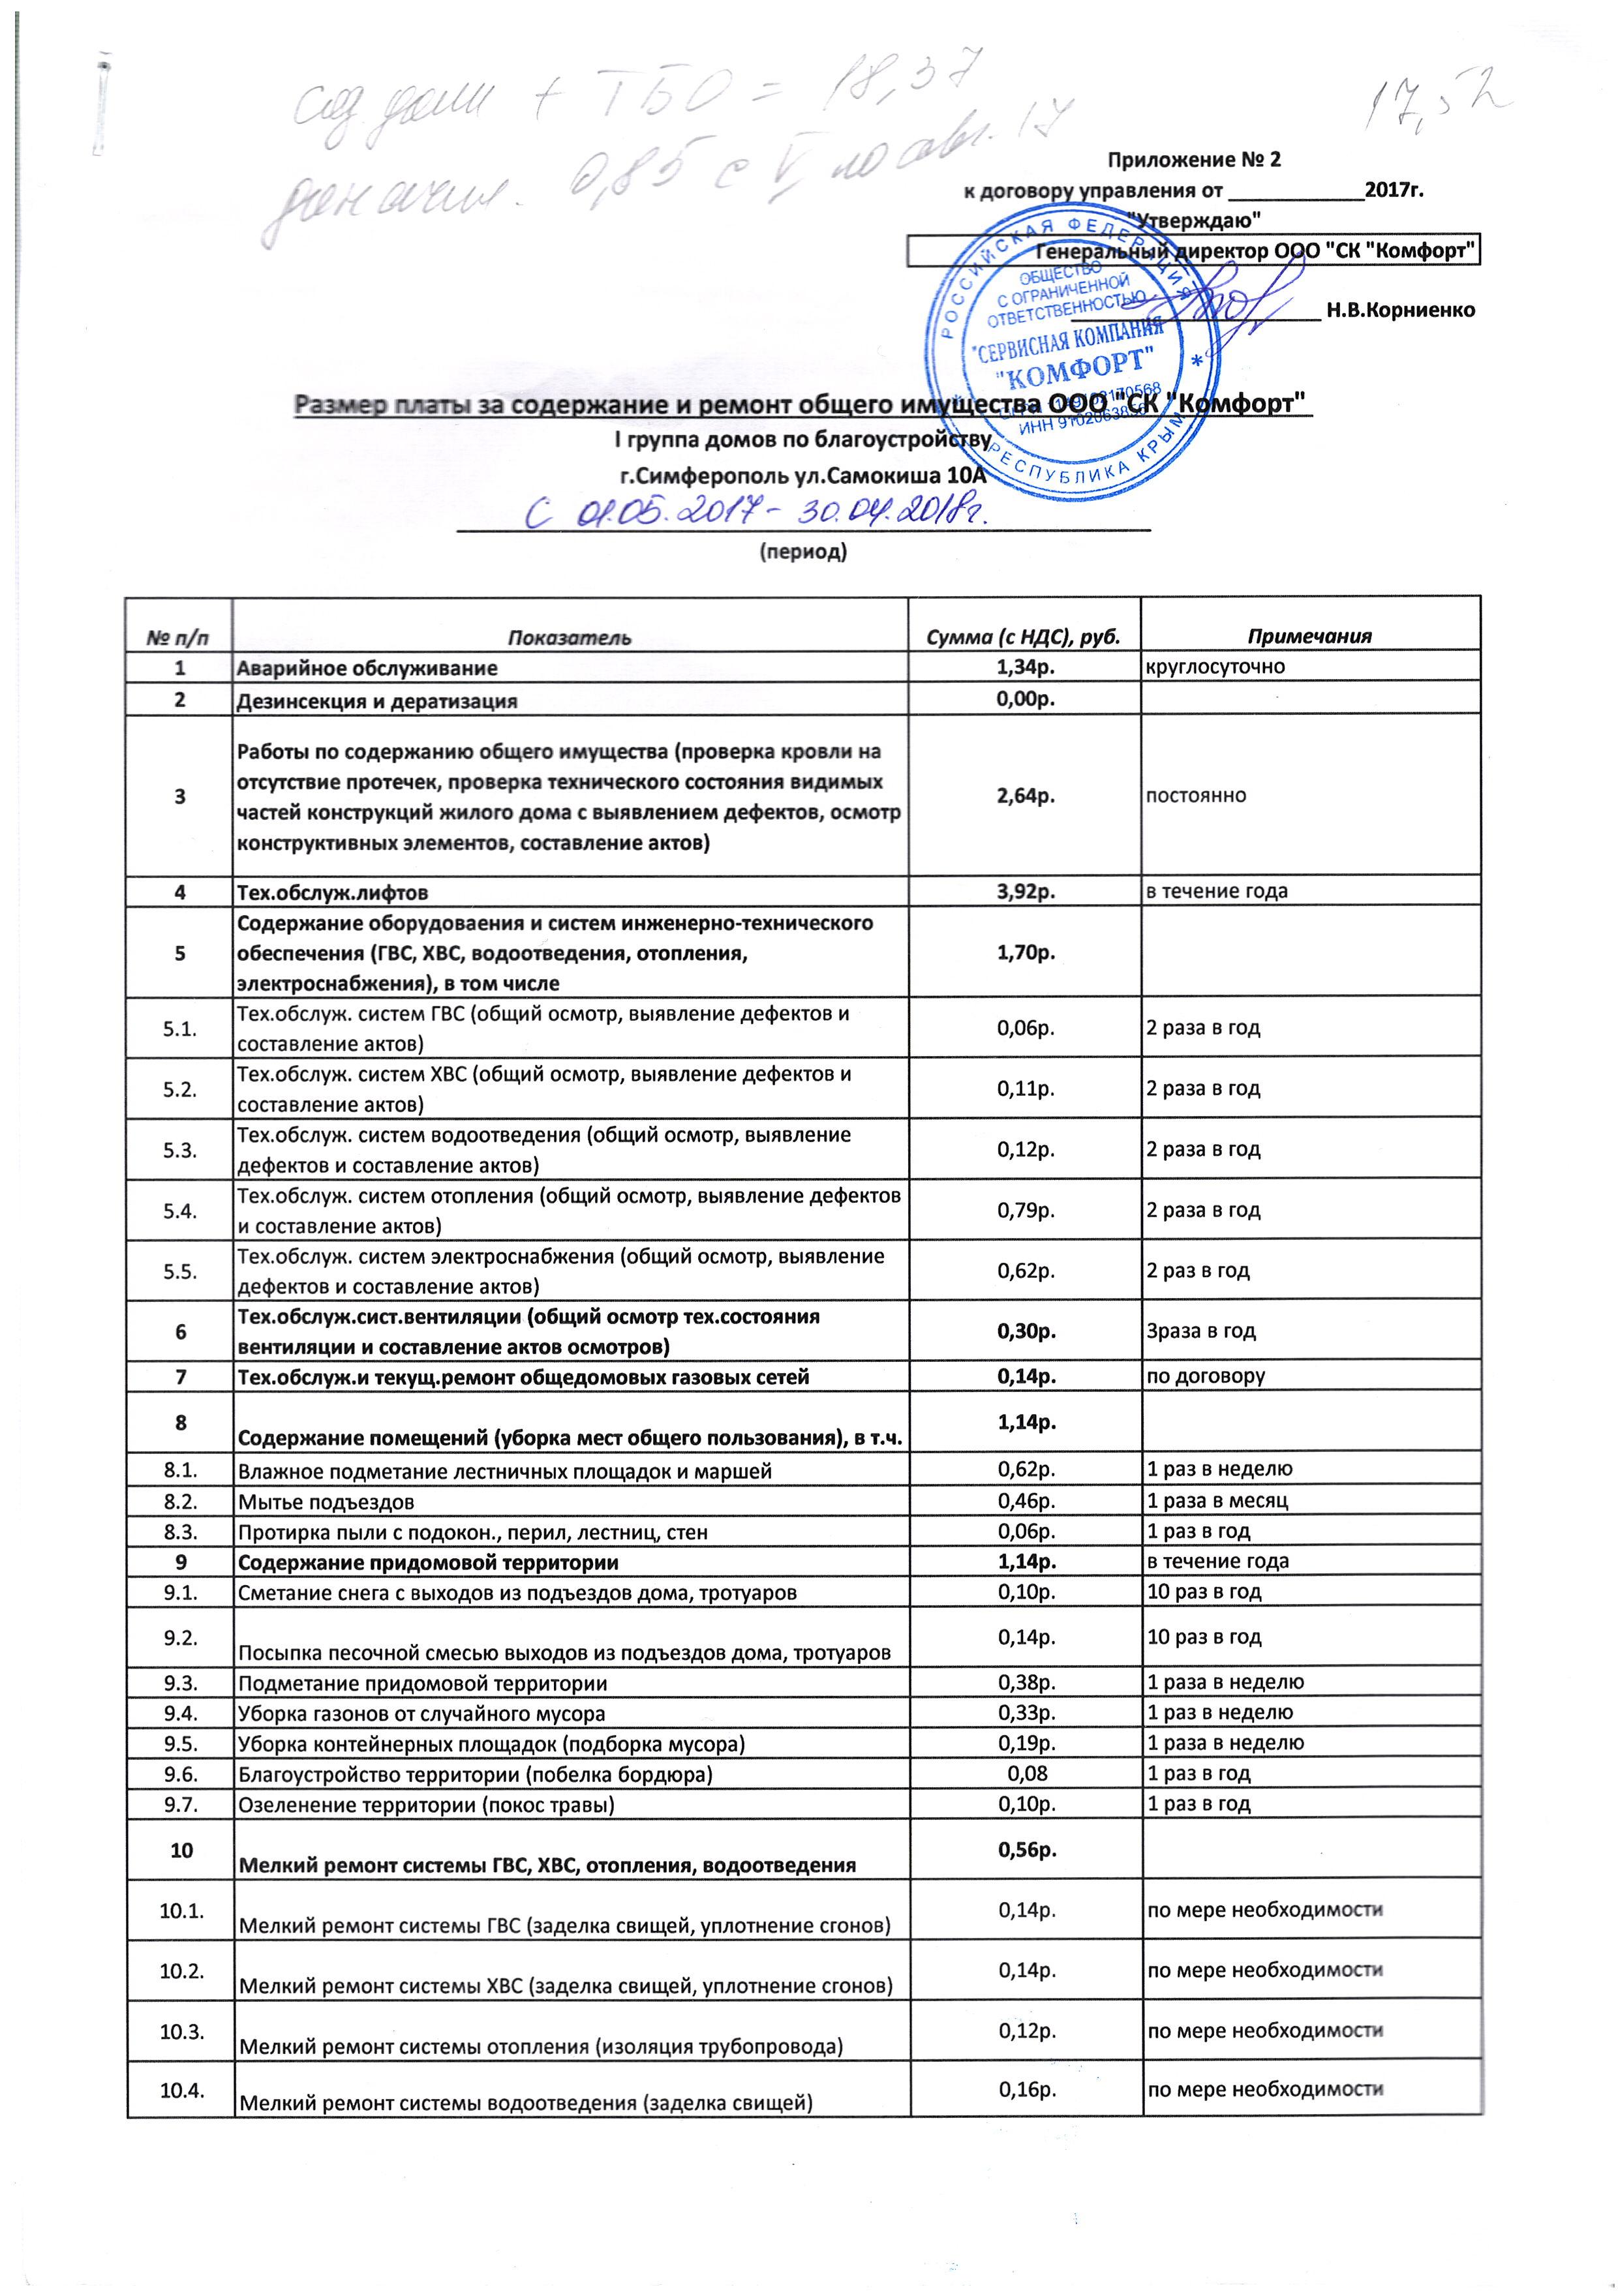 Самокиша 10А (с.1)